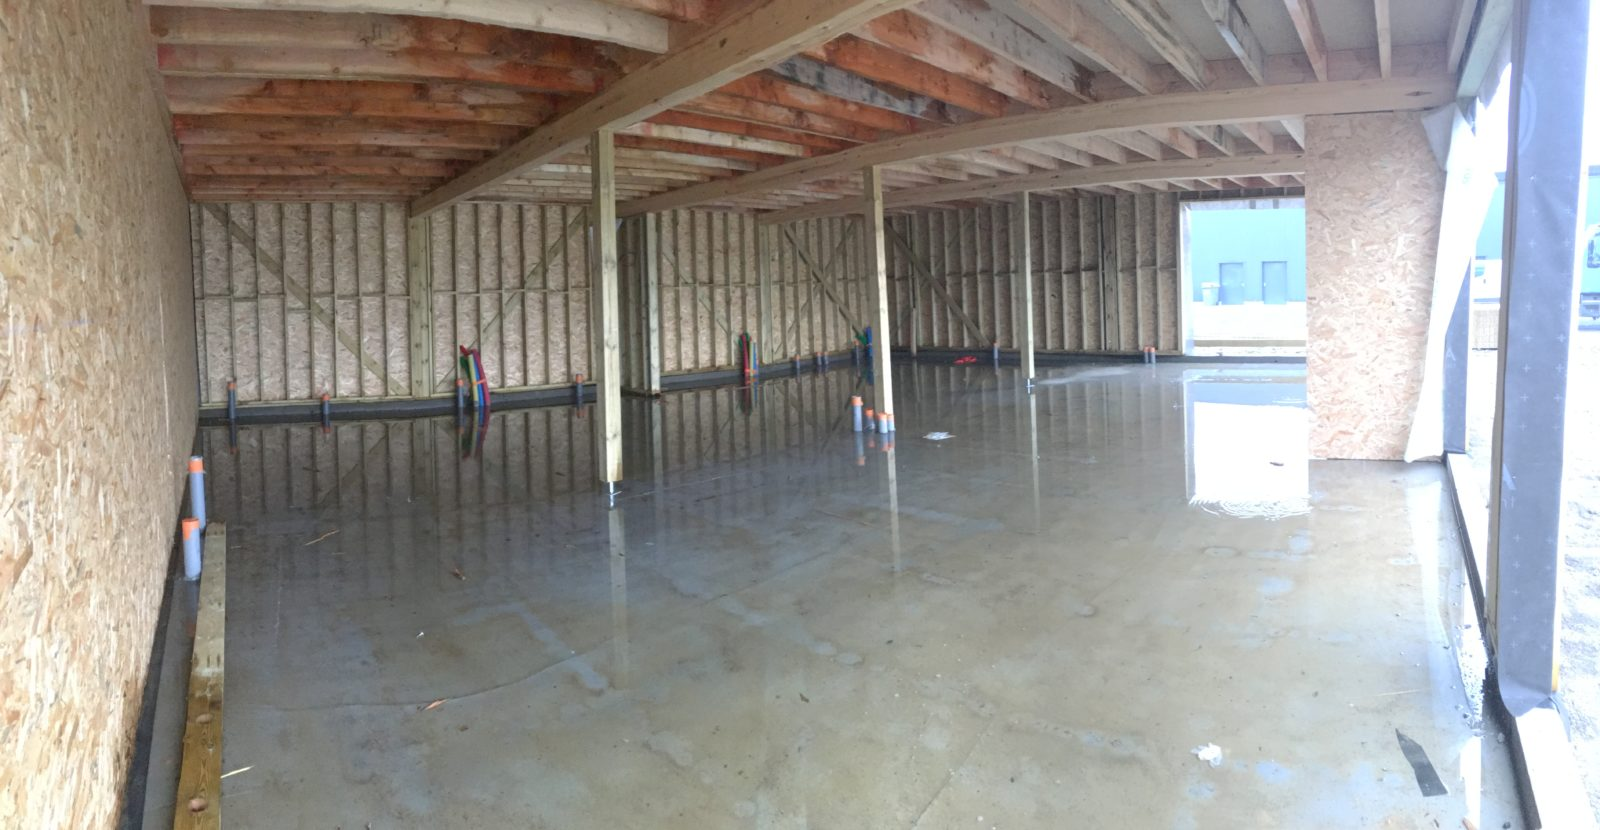 Quelles fondations choisir pour ma maison en bois ?